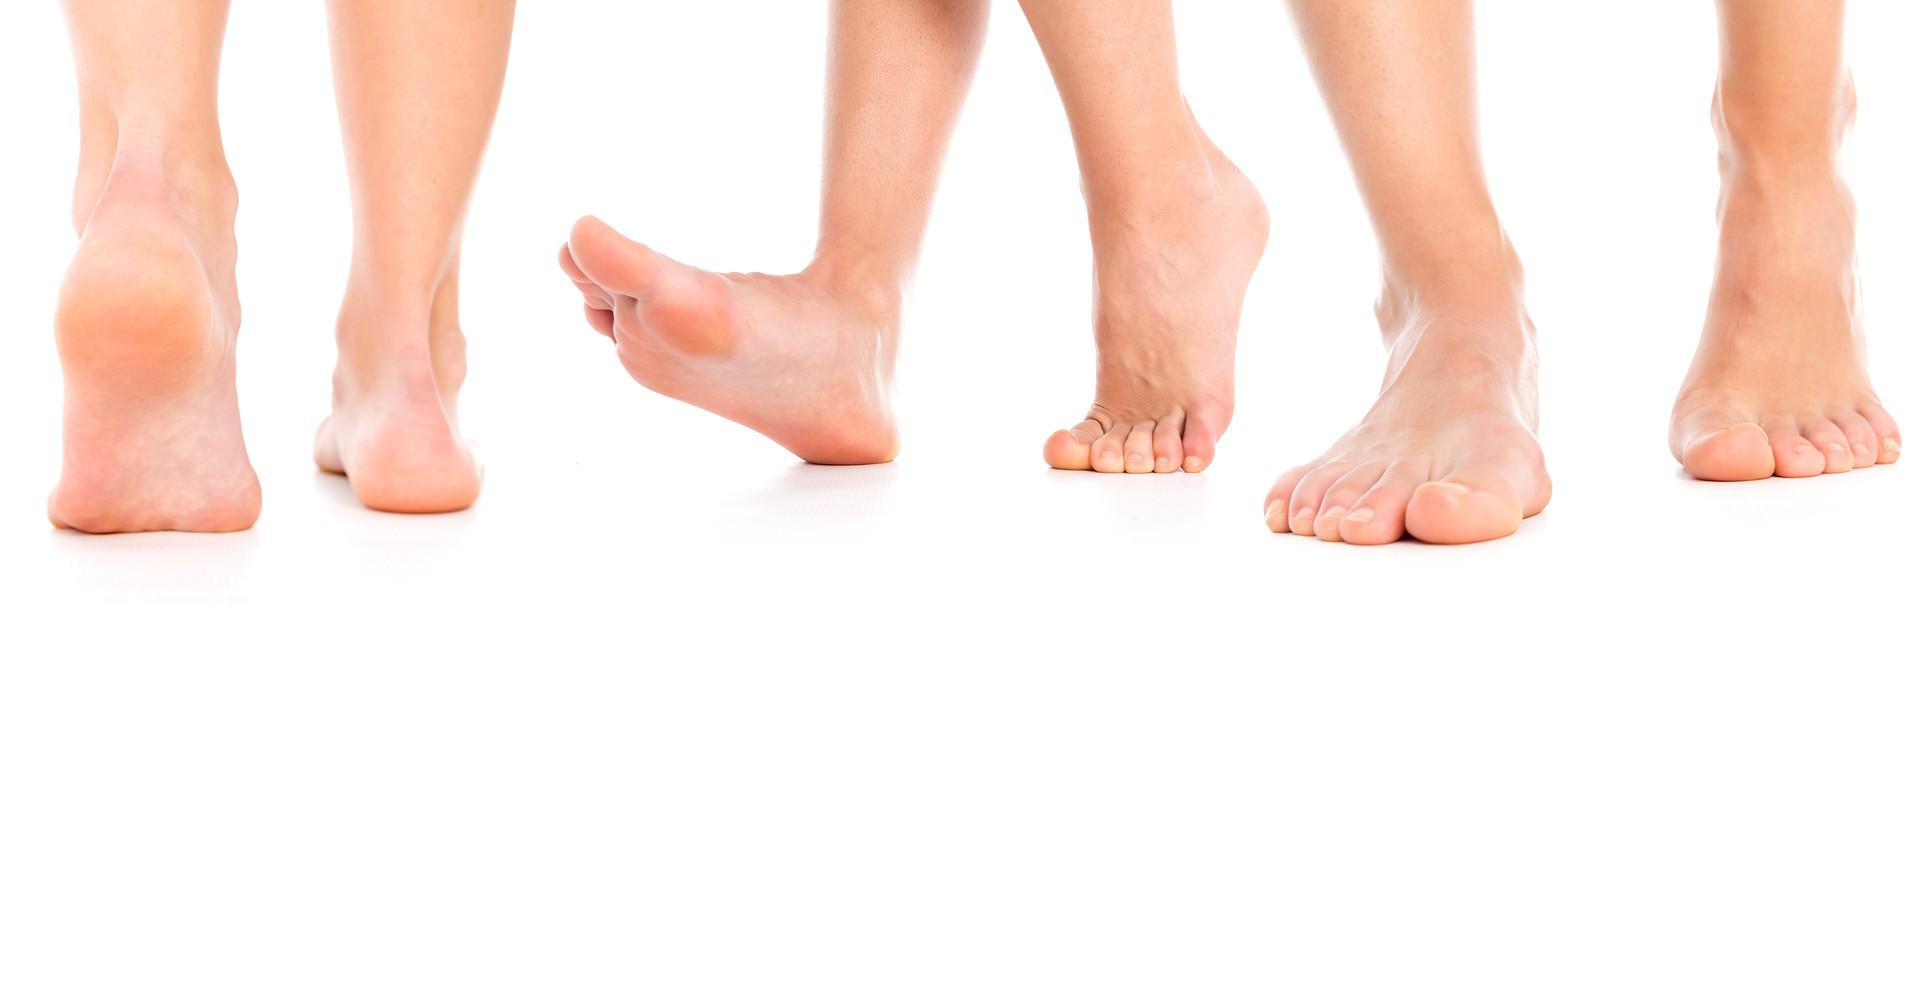 Orthotics Edmonton: The Foot Institute